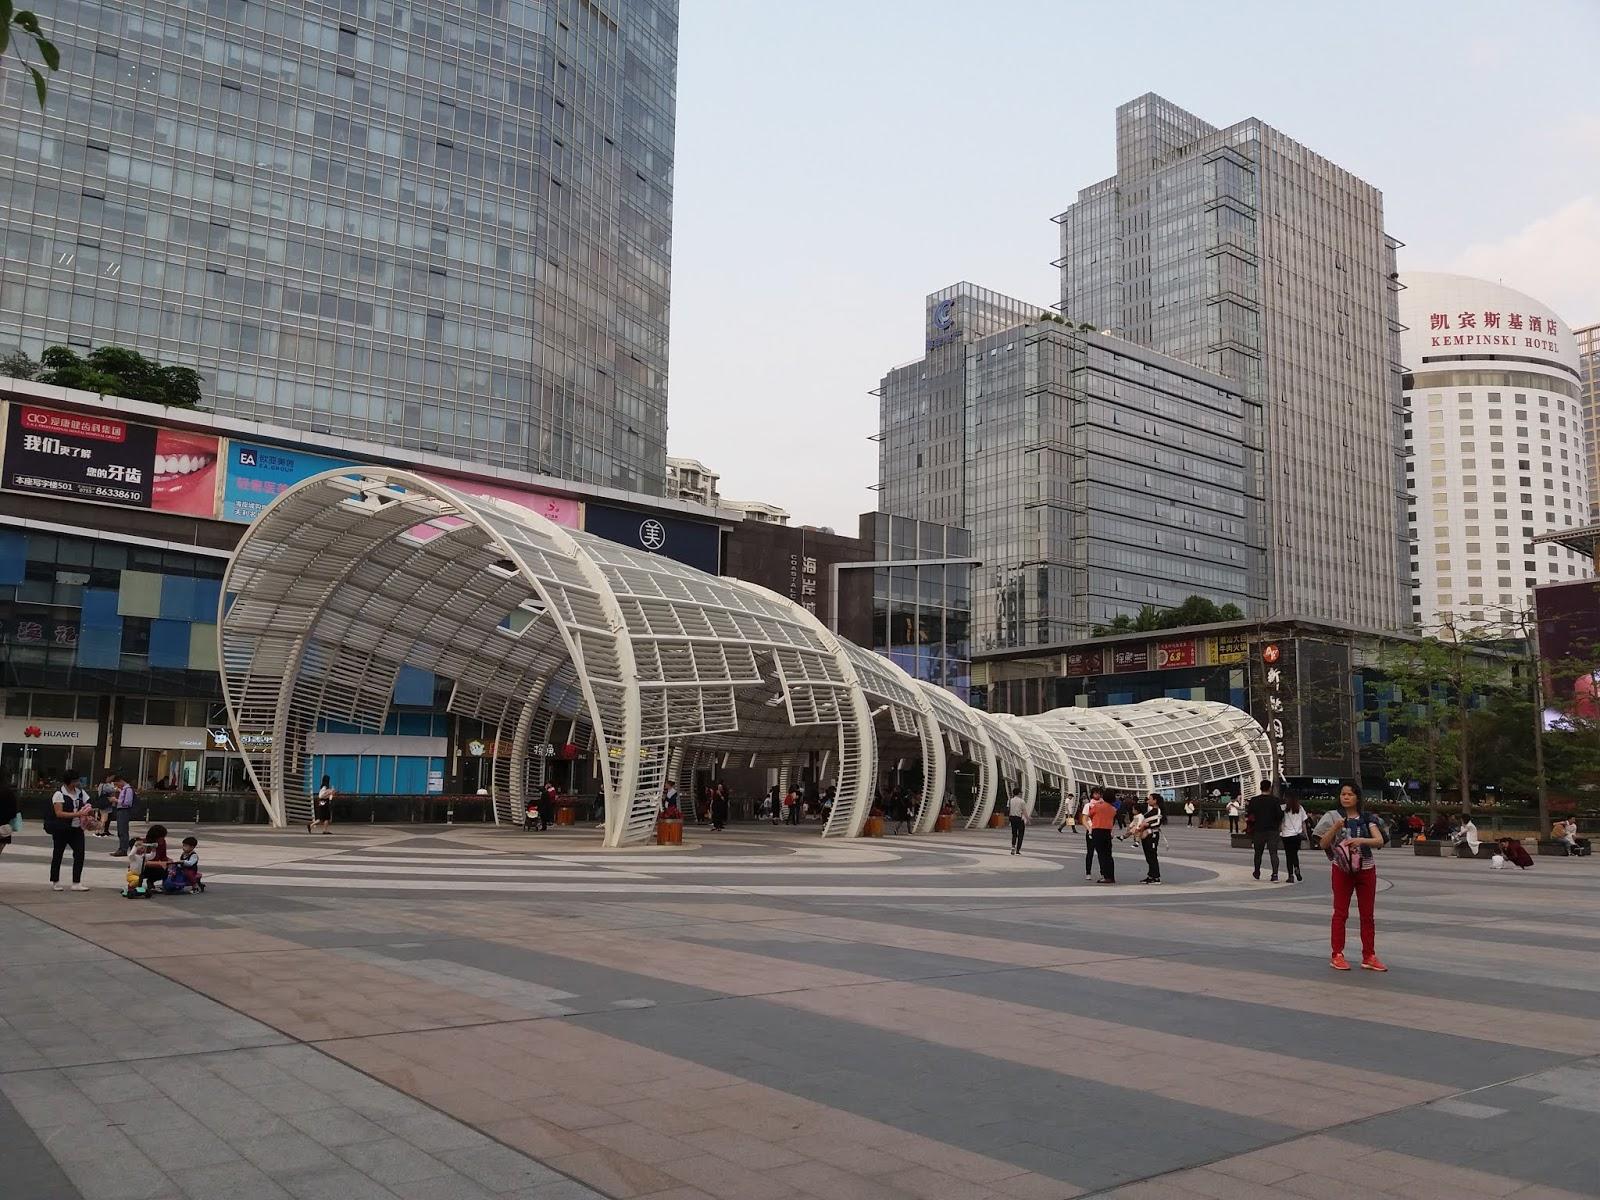 ak blog: 蛇口午餐&海岸城晚餐